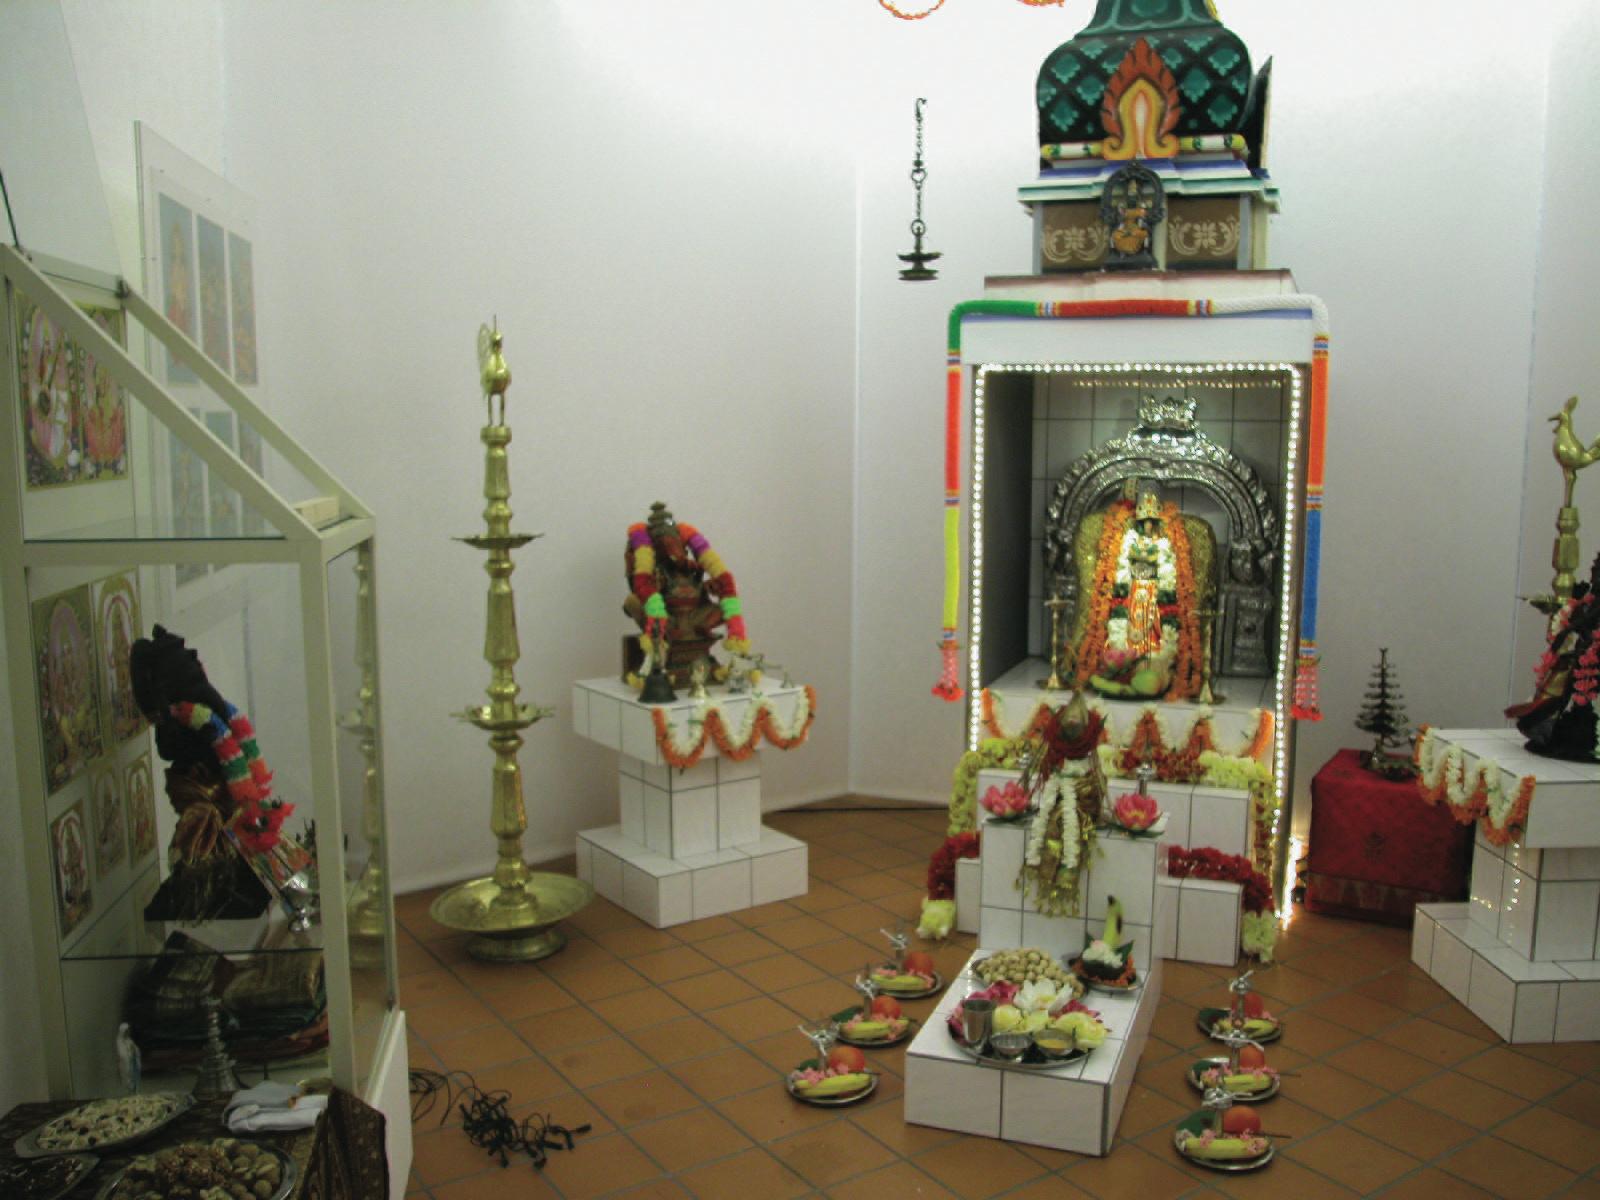 Blick in die Ausstellung: Hinduistis